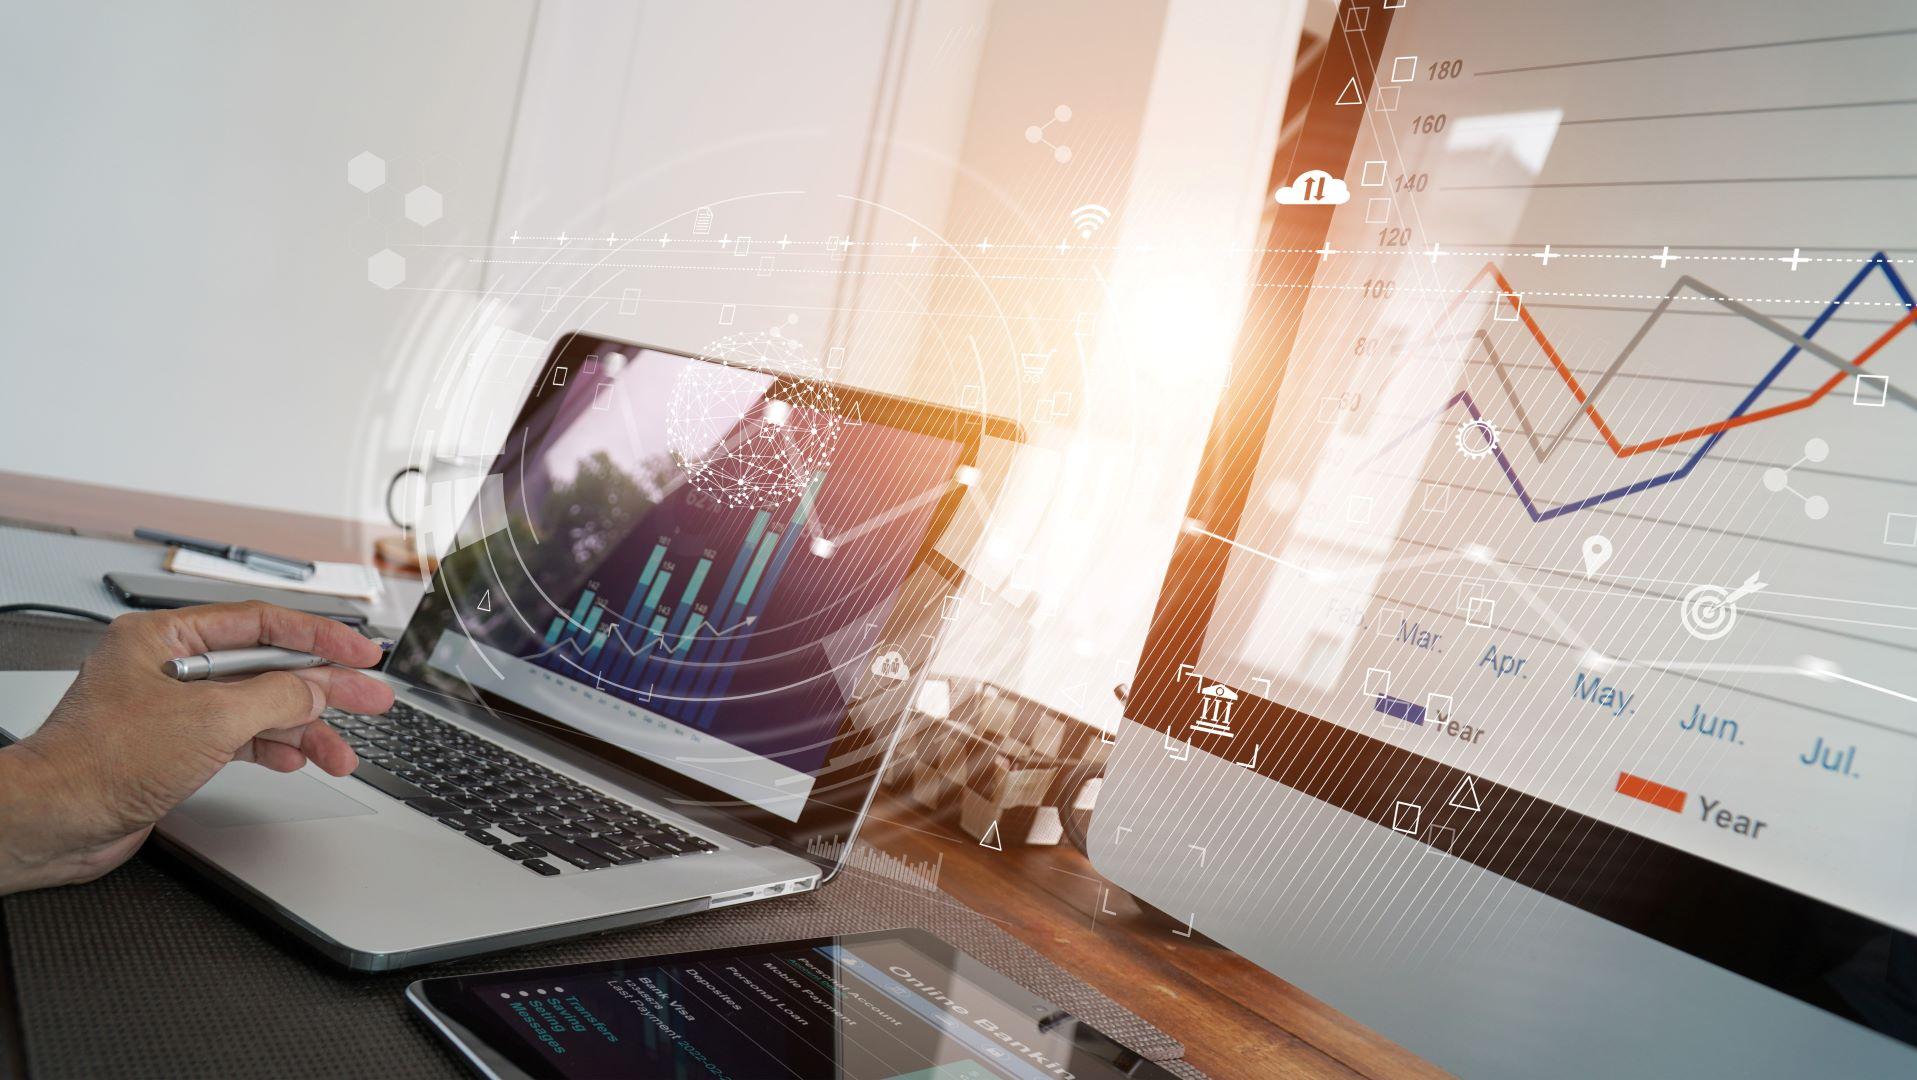 Verslo finansų valdymas: nuo biudžeto planavimo iki paskolos internetu